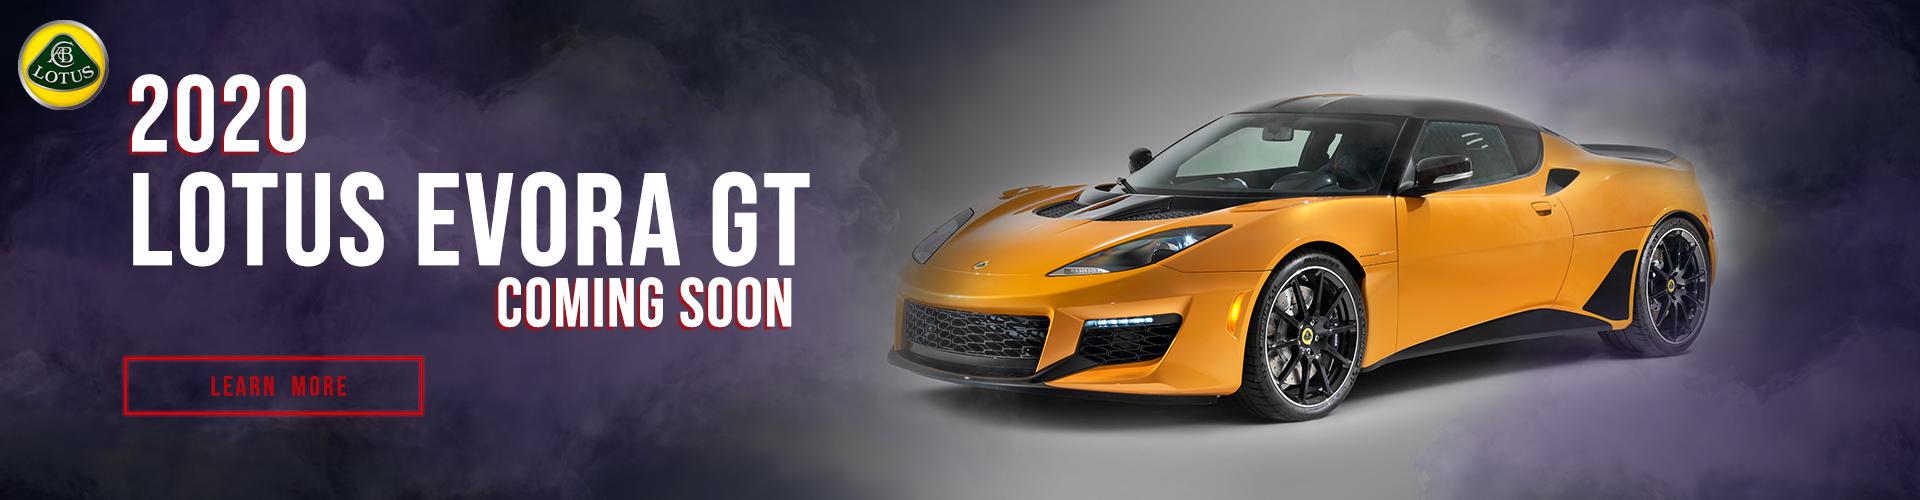 2020 Lotus Evora GT For Sale Redwood City